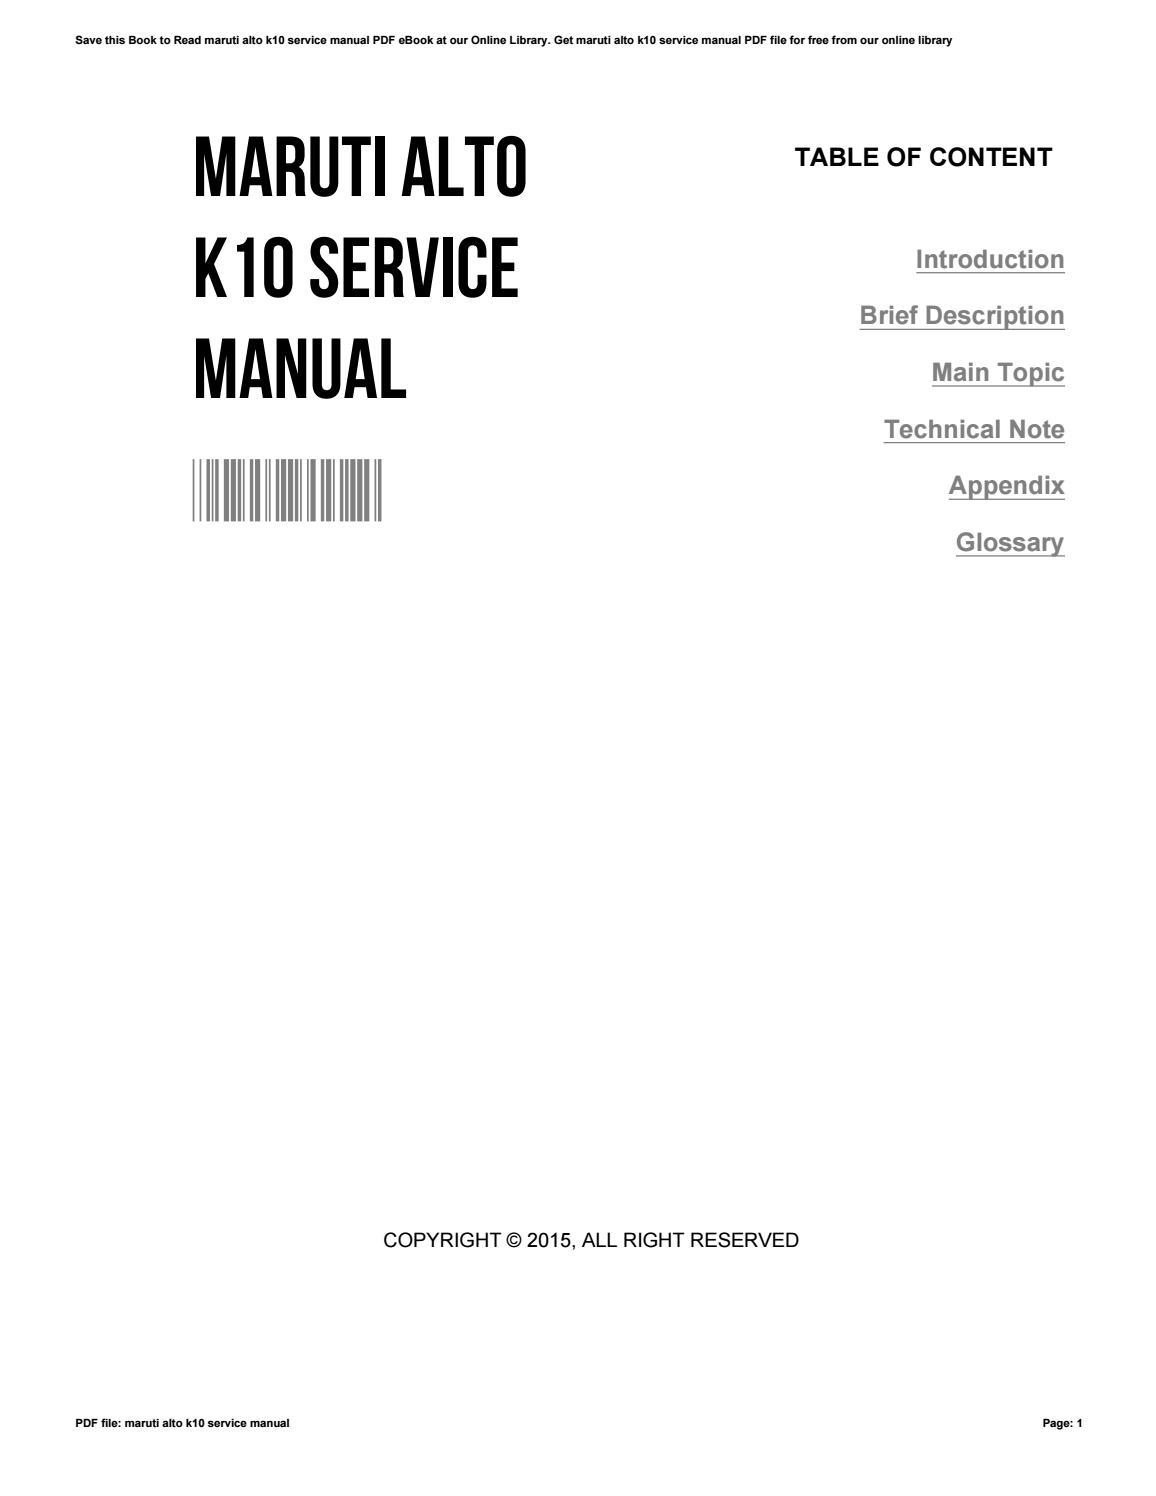 garmin edge 305 manual espa c3 a3 c6 92 c3 a2 c2 b1ol online user rh pandadigital co